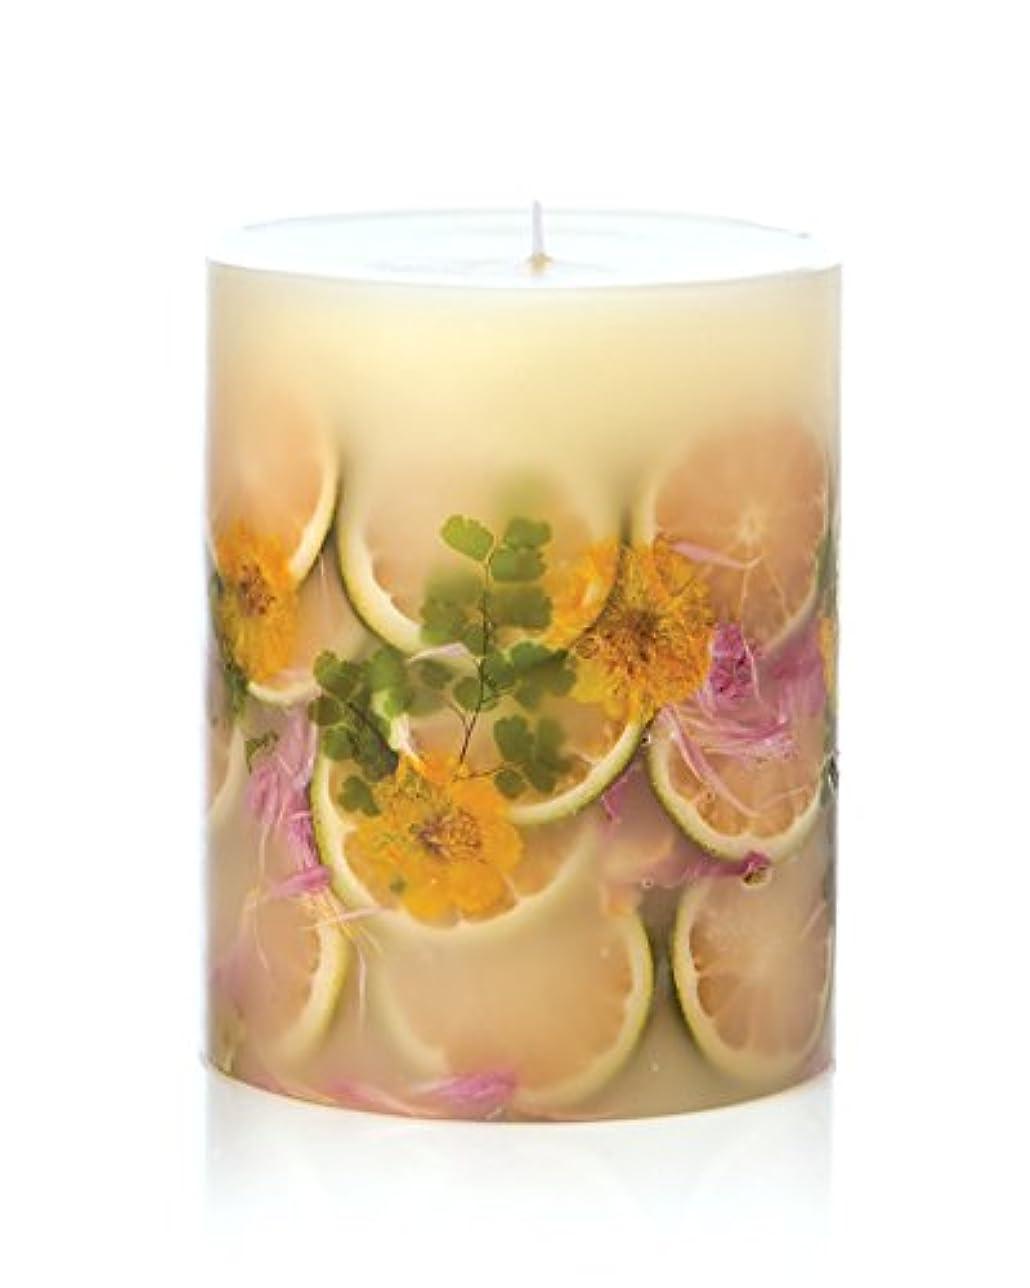 壊滅的なレモンジョブロージーリングス ボタニカルキャンドル ラウンド レモンブロッサム&ライチ ROSY RINGS Round Botanical Candle Round – Lemon Blossom & Lychee